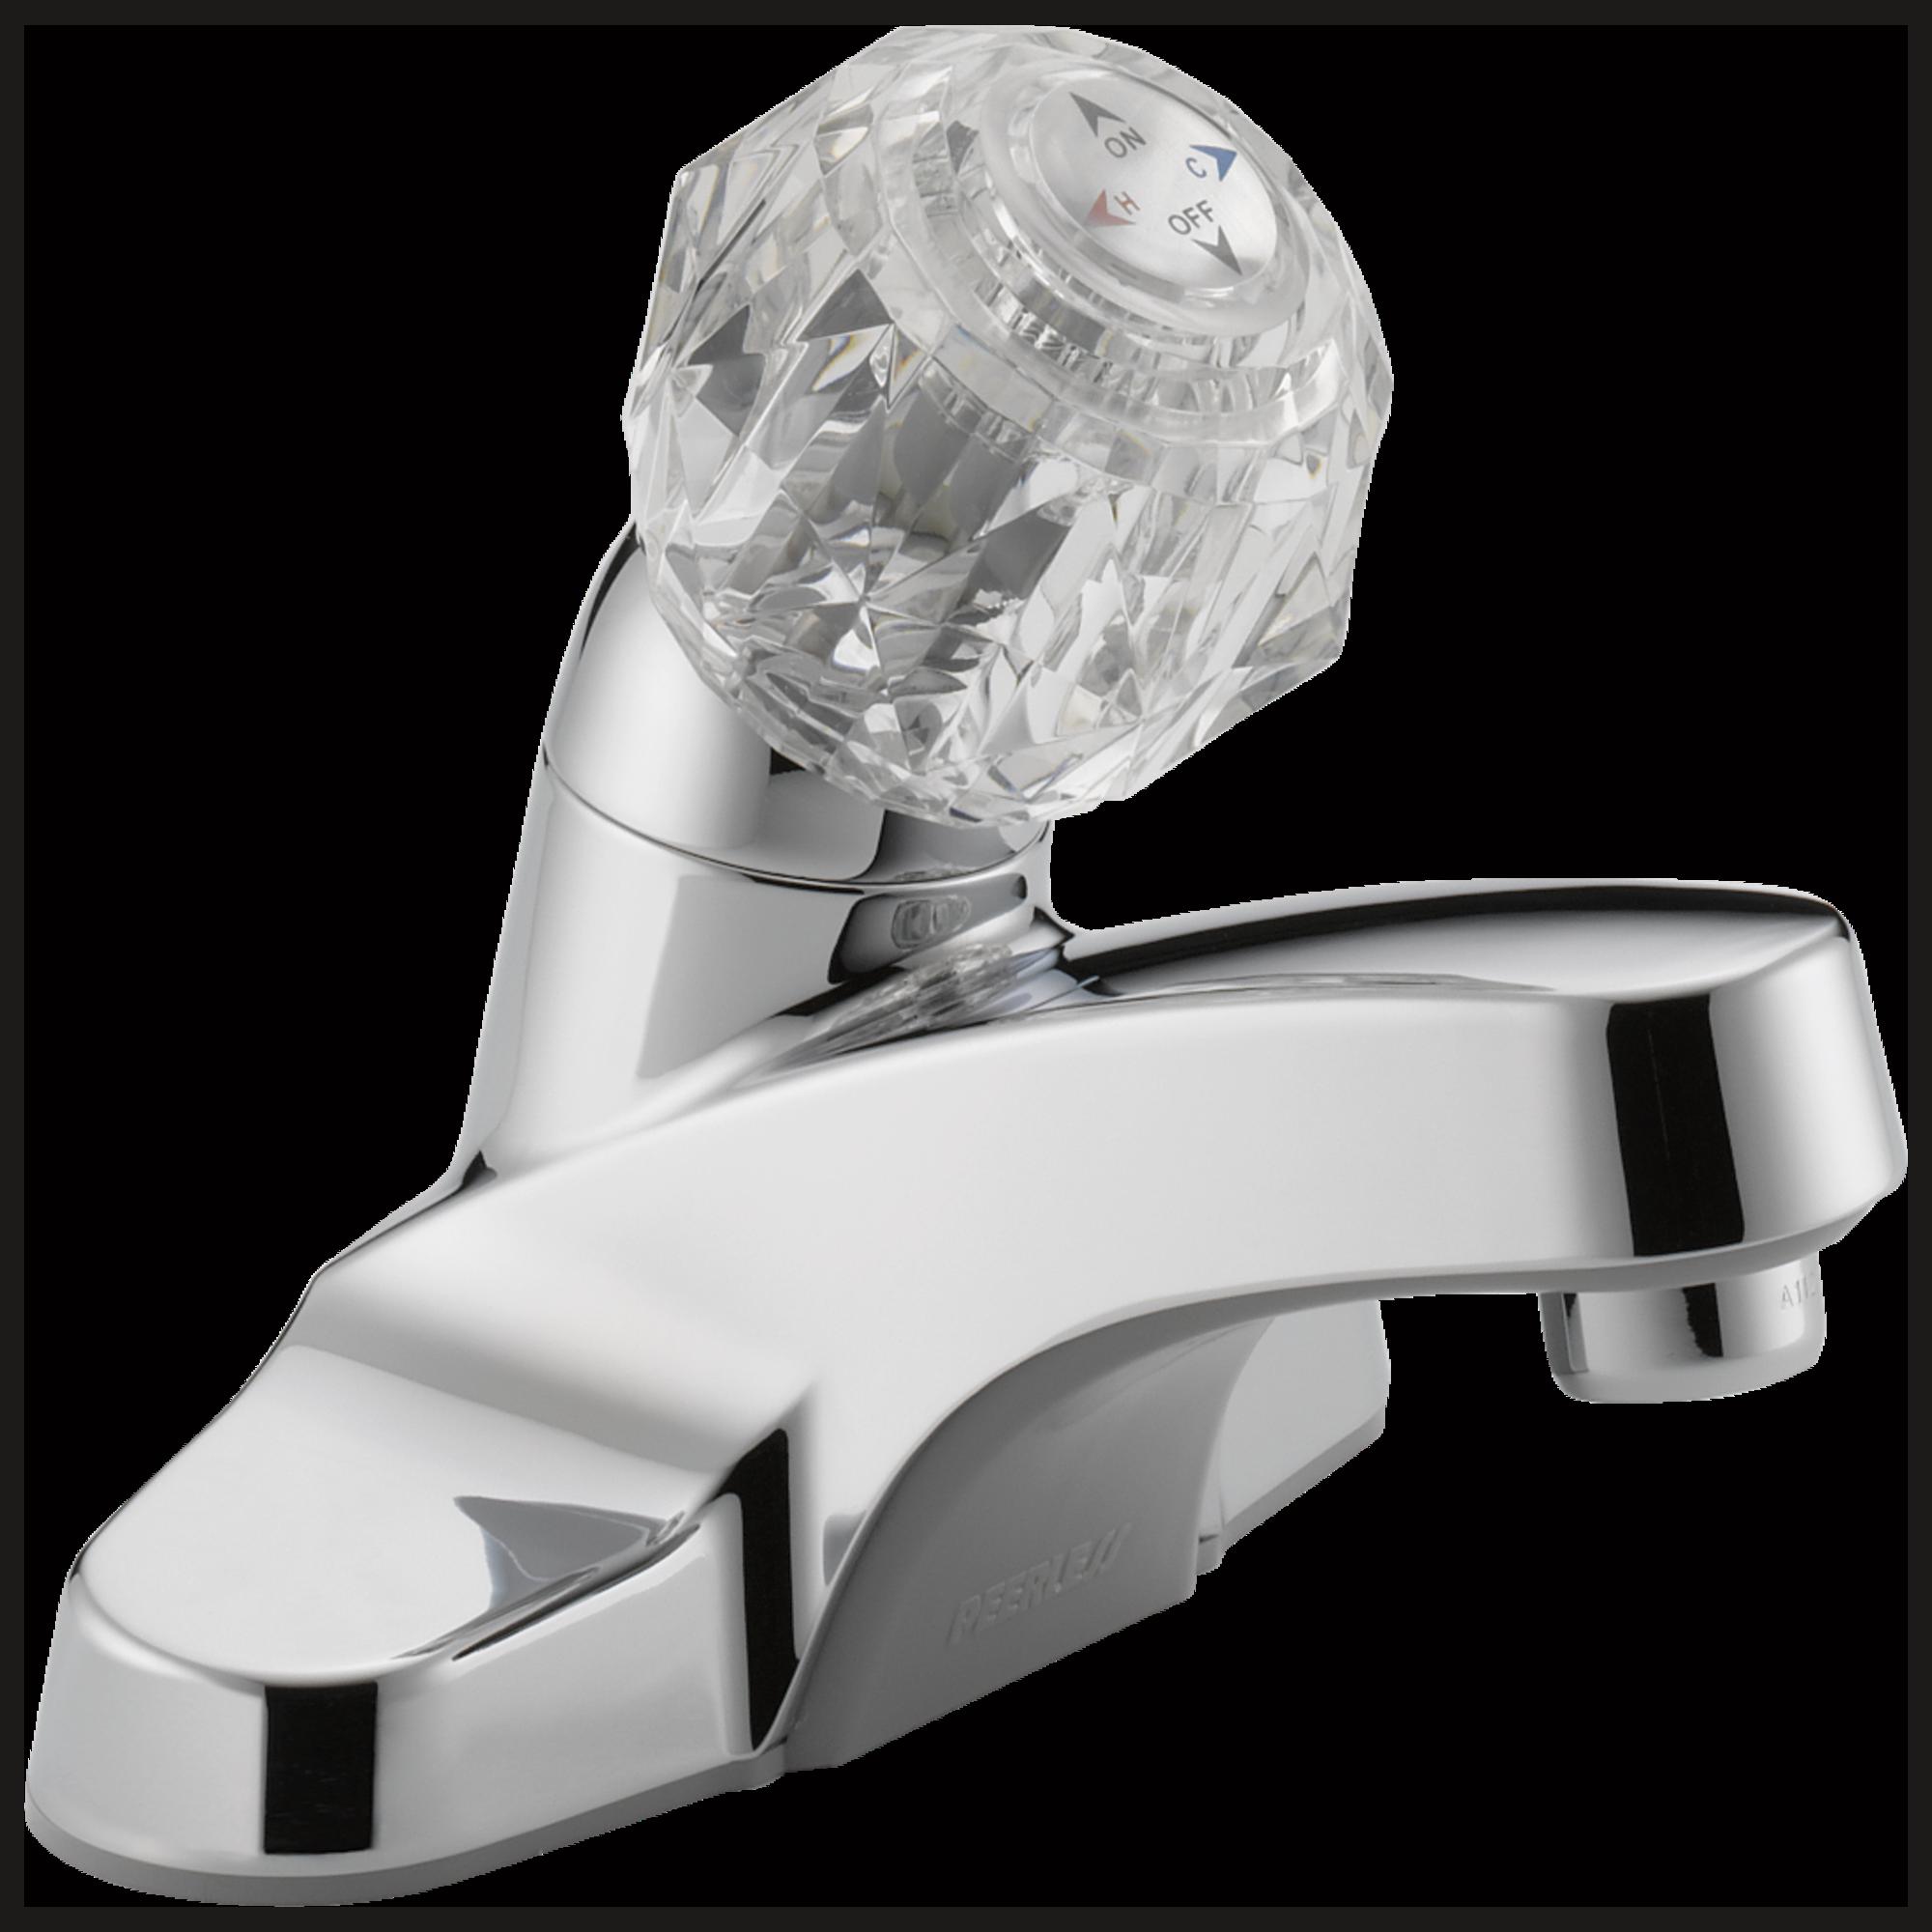 single handle bathroom faucet - Delta Single Handle Bathroom Faucet